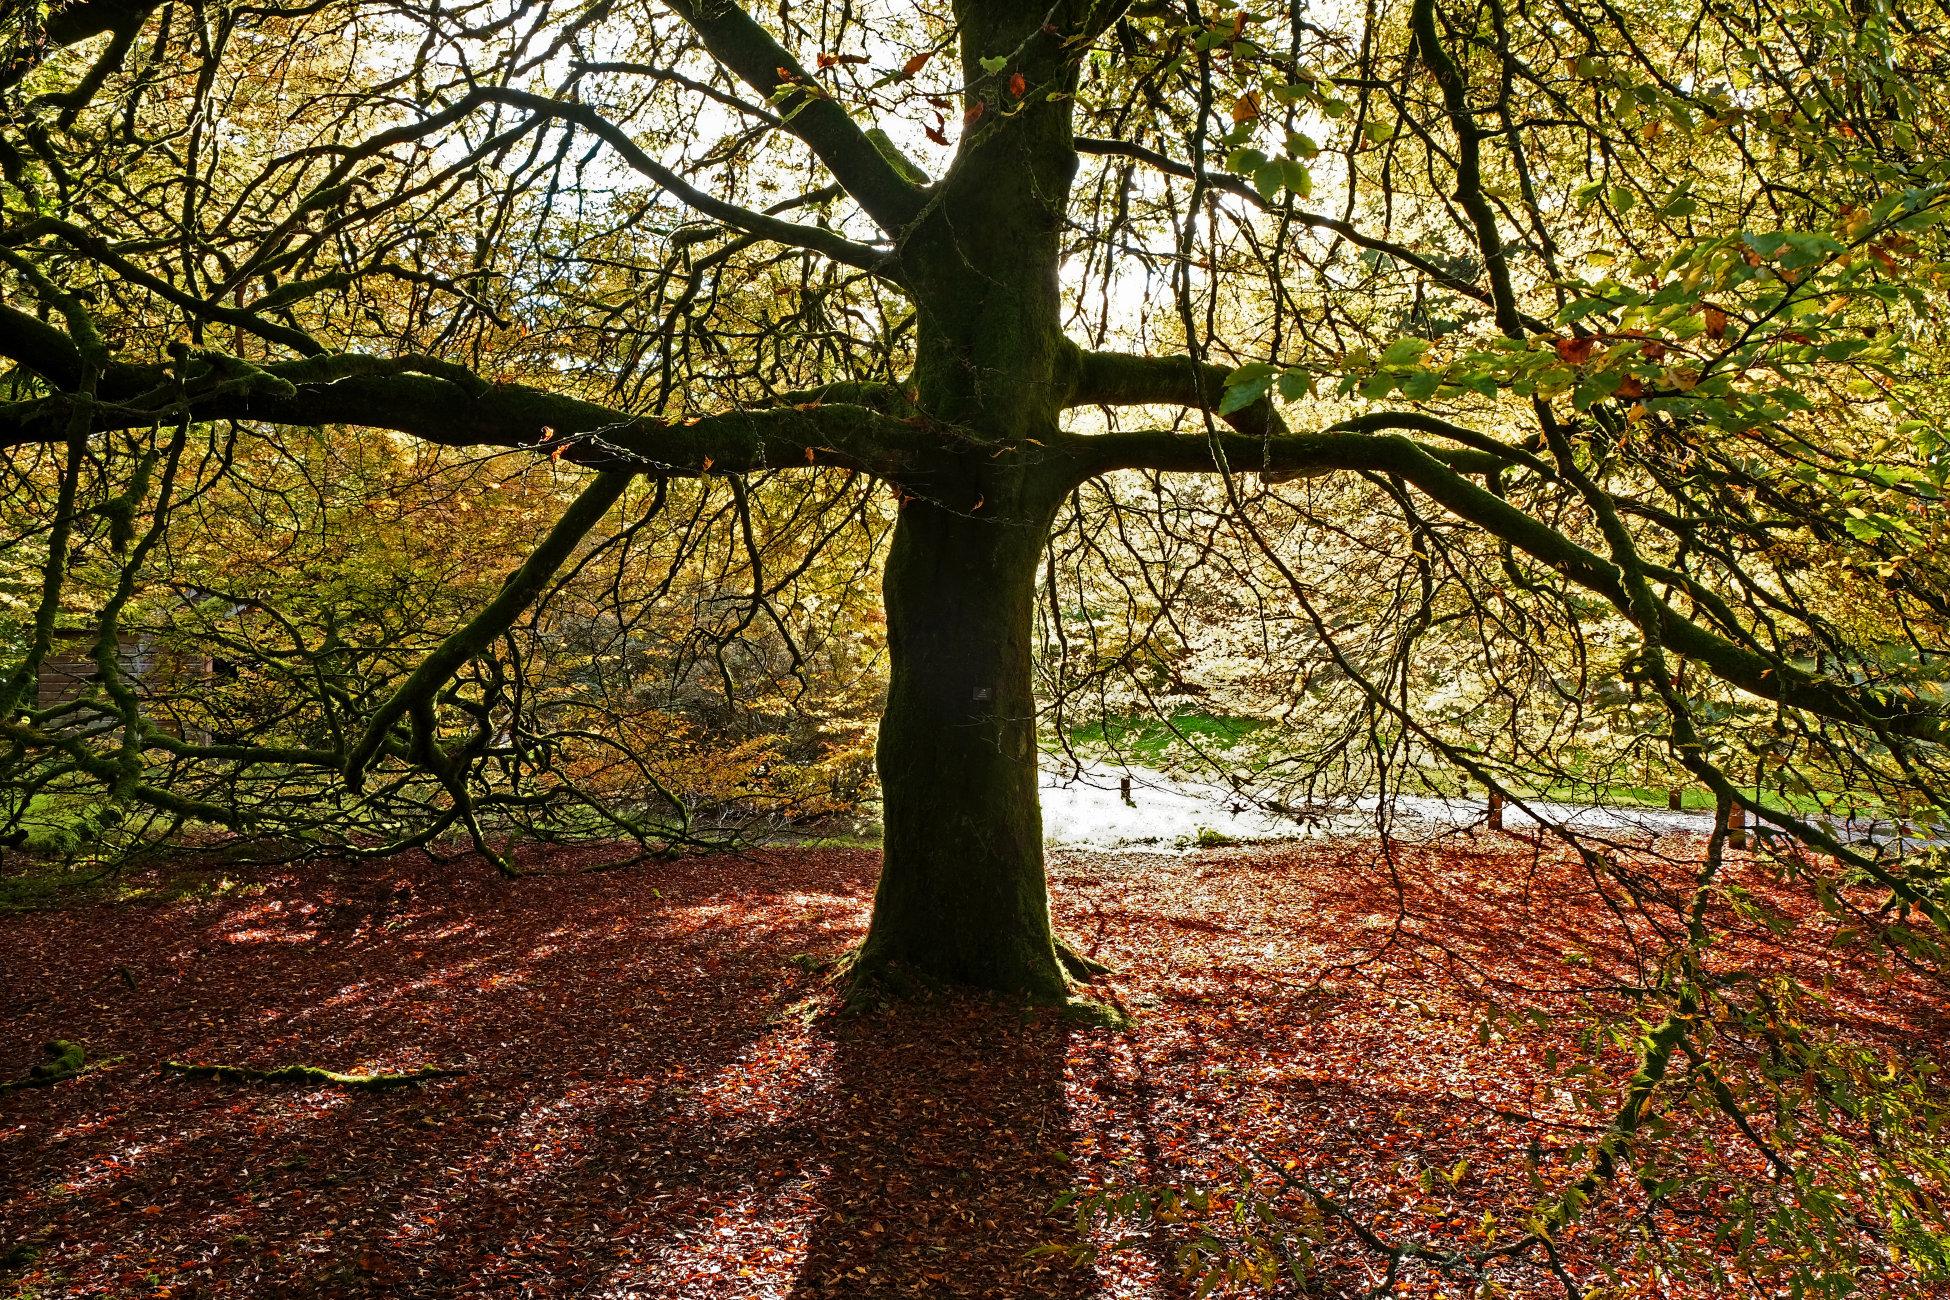 Autumn at Benmore